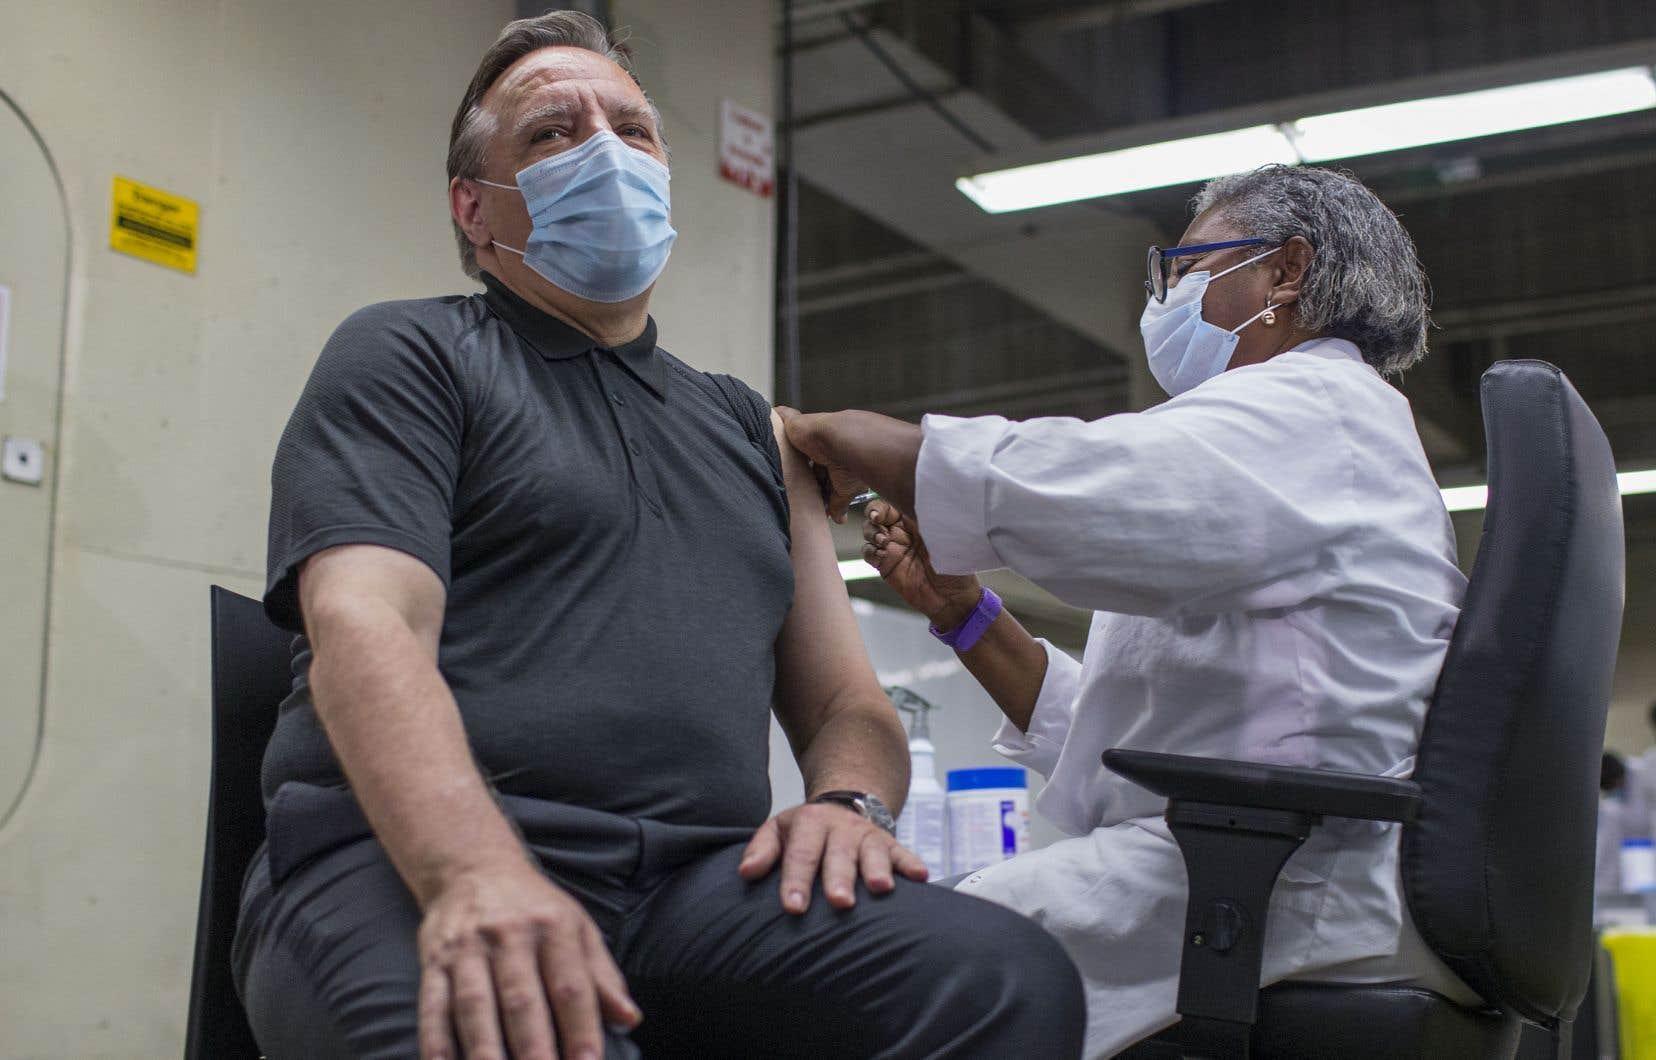 C'est Régine Laurent qui a administré la deuxième dose du vaccin Pfizer au premier ministre François Legault, lundi matin, au centre de vaccination du Stade olympique de Montréal.